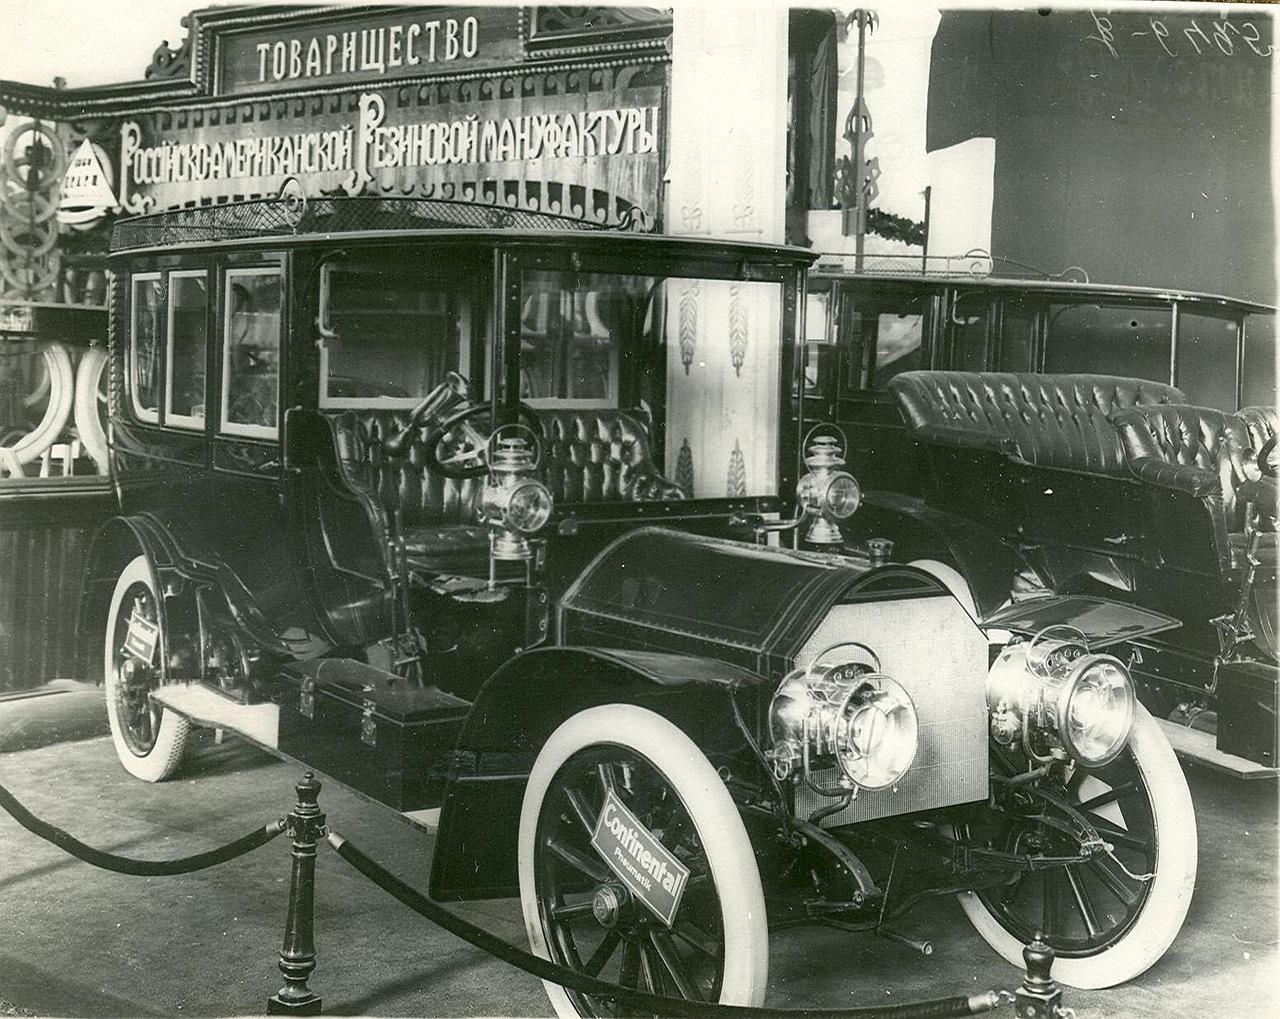 0_a9402_a759c3dd_XXXLАвтомобиль в 70 лошадиных сил, стоимостью 21000 рублей - экспонат фирмы Мерседес на Первой Международной автомобильной выставке в Михайловском манеже.